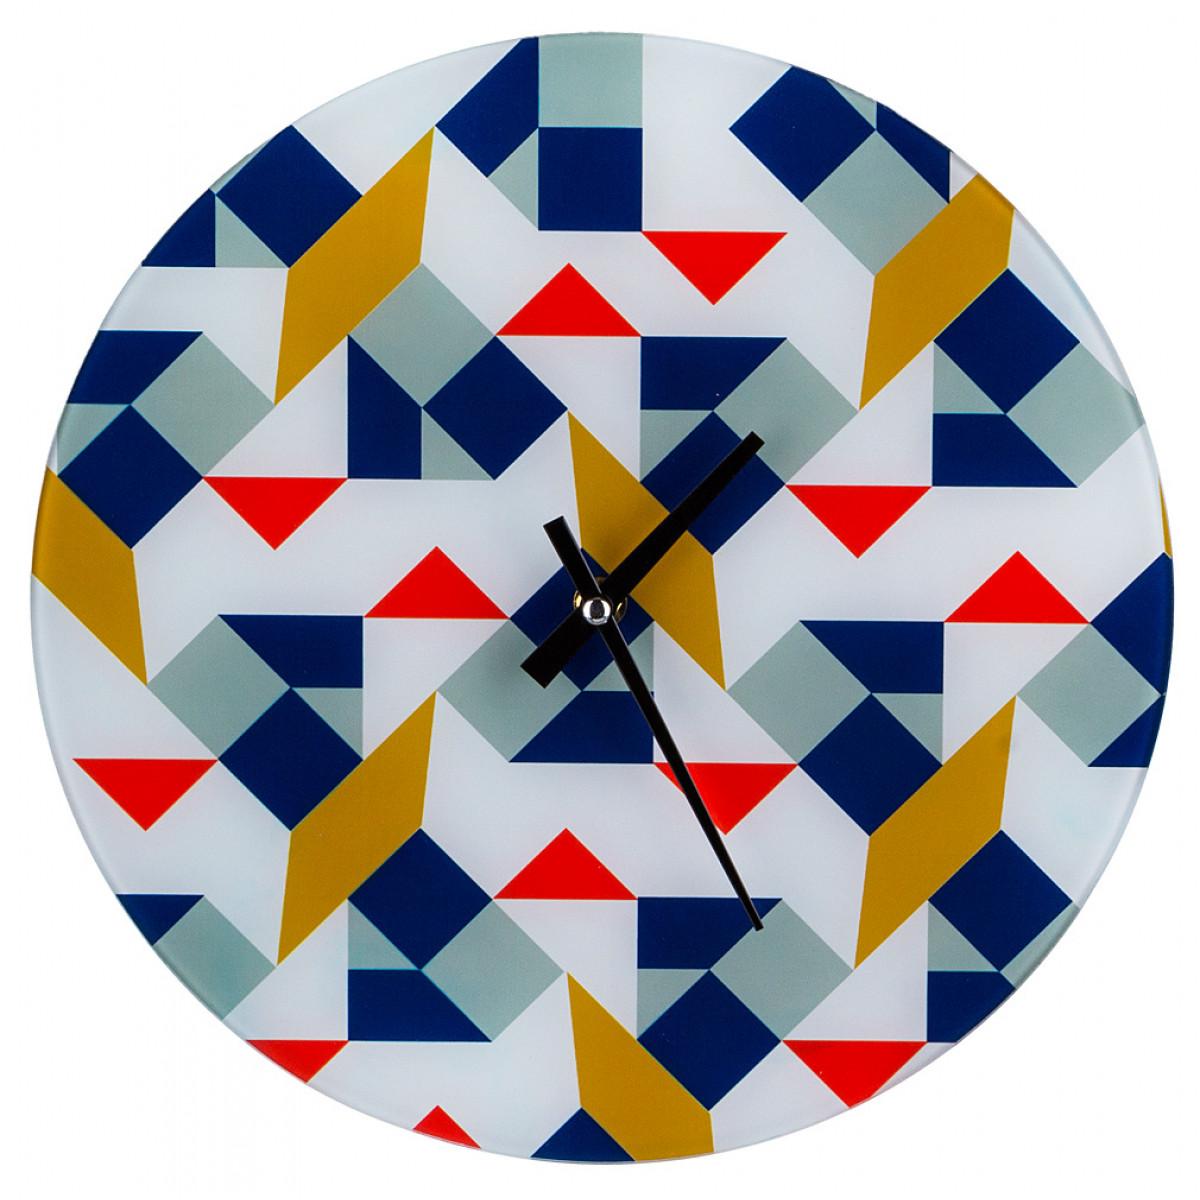 настенные часы акита 30 см лондон c46 {} Lefard Часы Willette  (30 см)